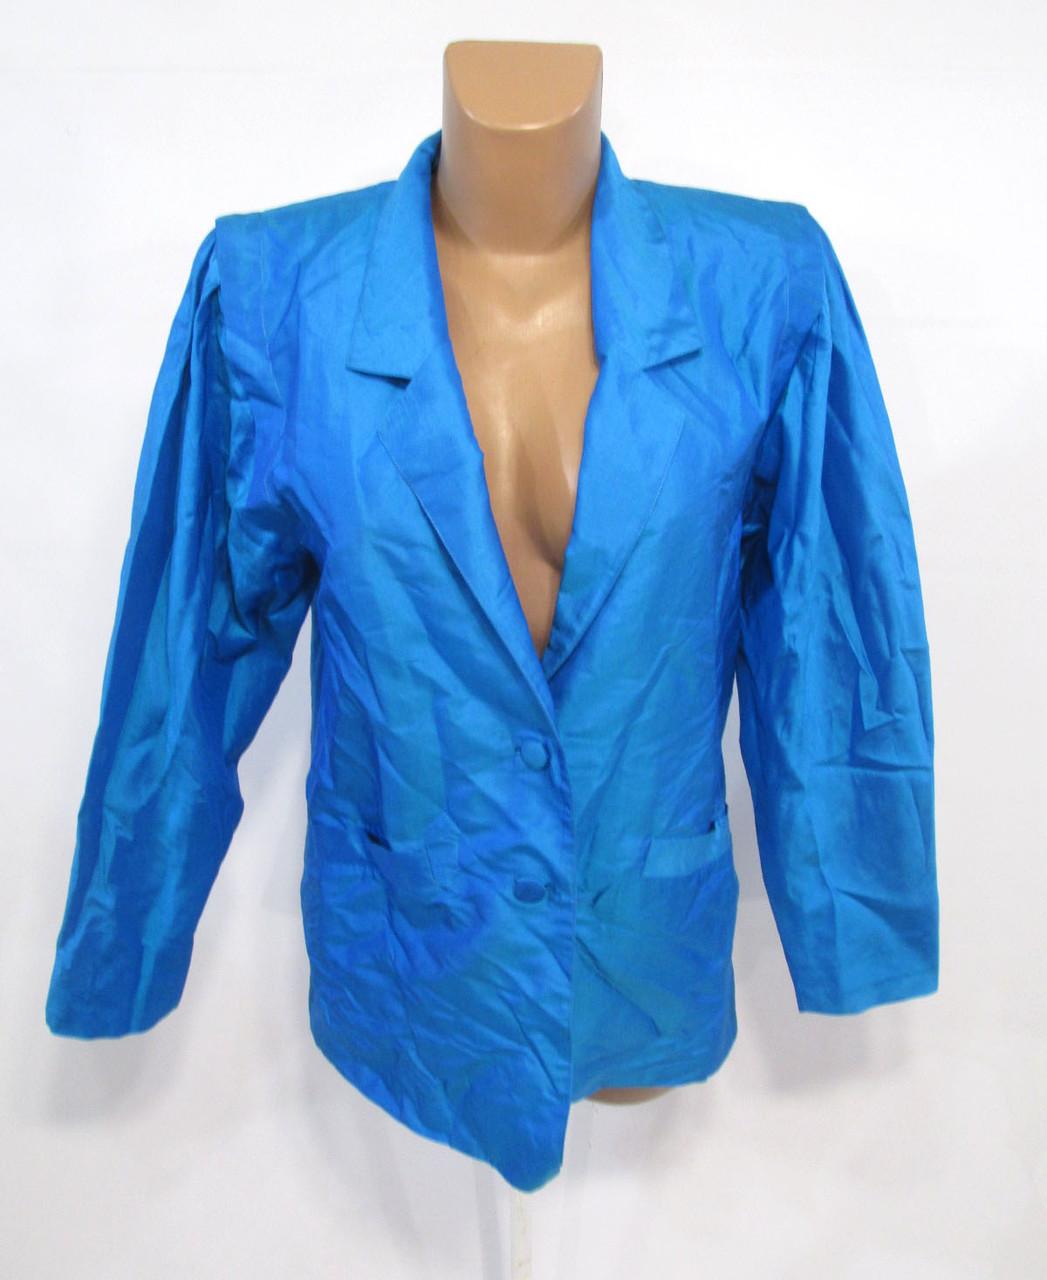 Пиджак из натурального шелка Indra Souvenir, ПОГ-99 см, на L (16), Как